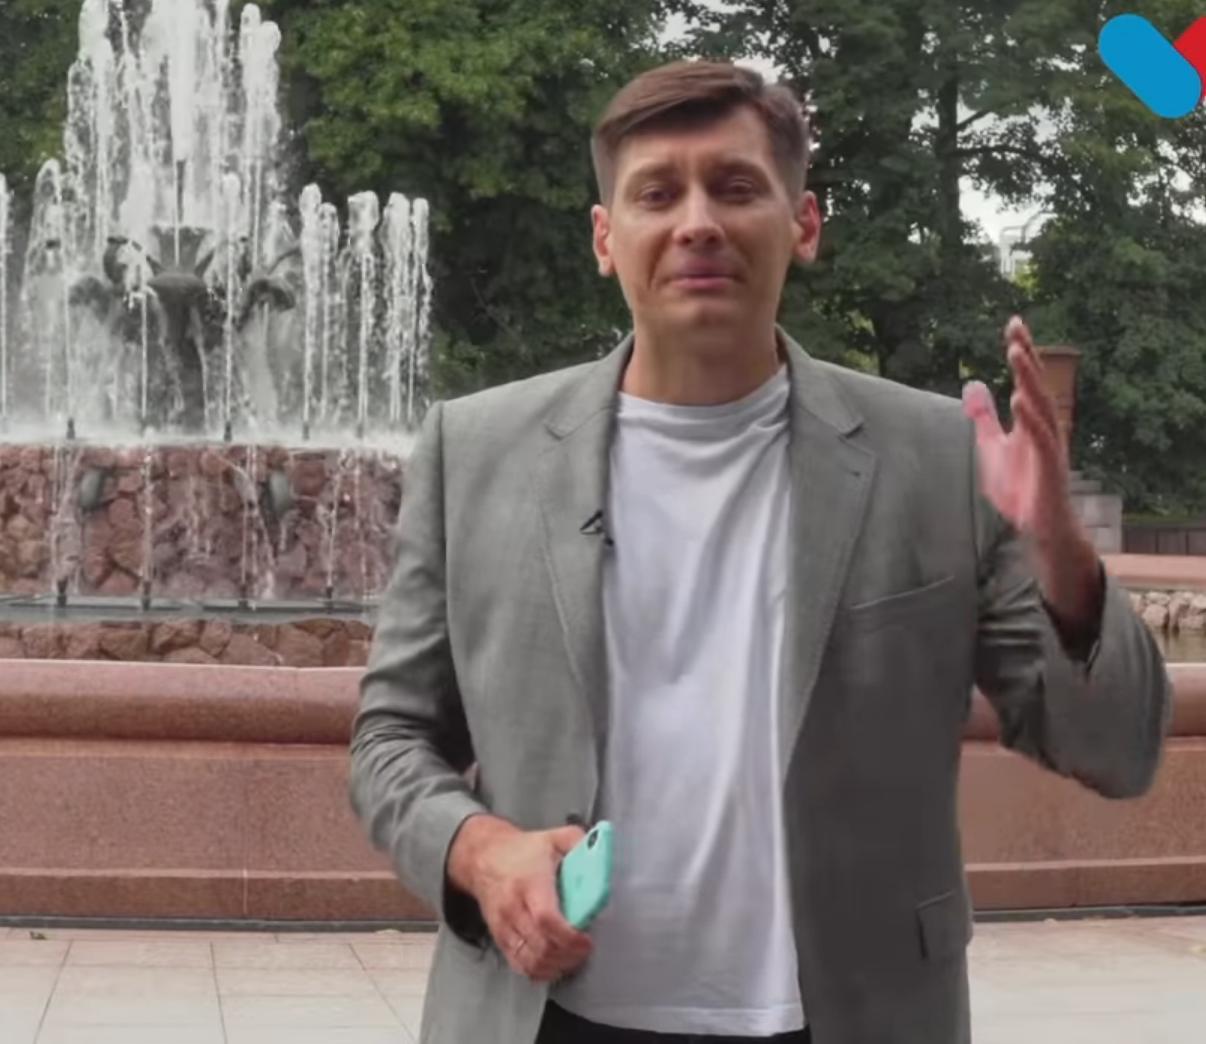 Оппозиция использует события в Хабаровске для искусственного создания протестов в регионах